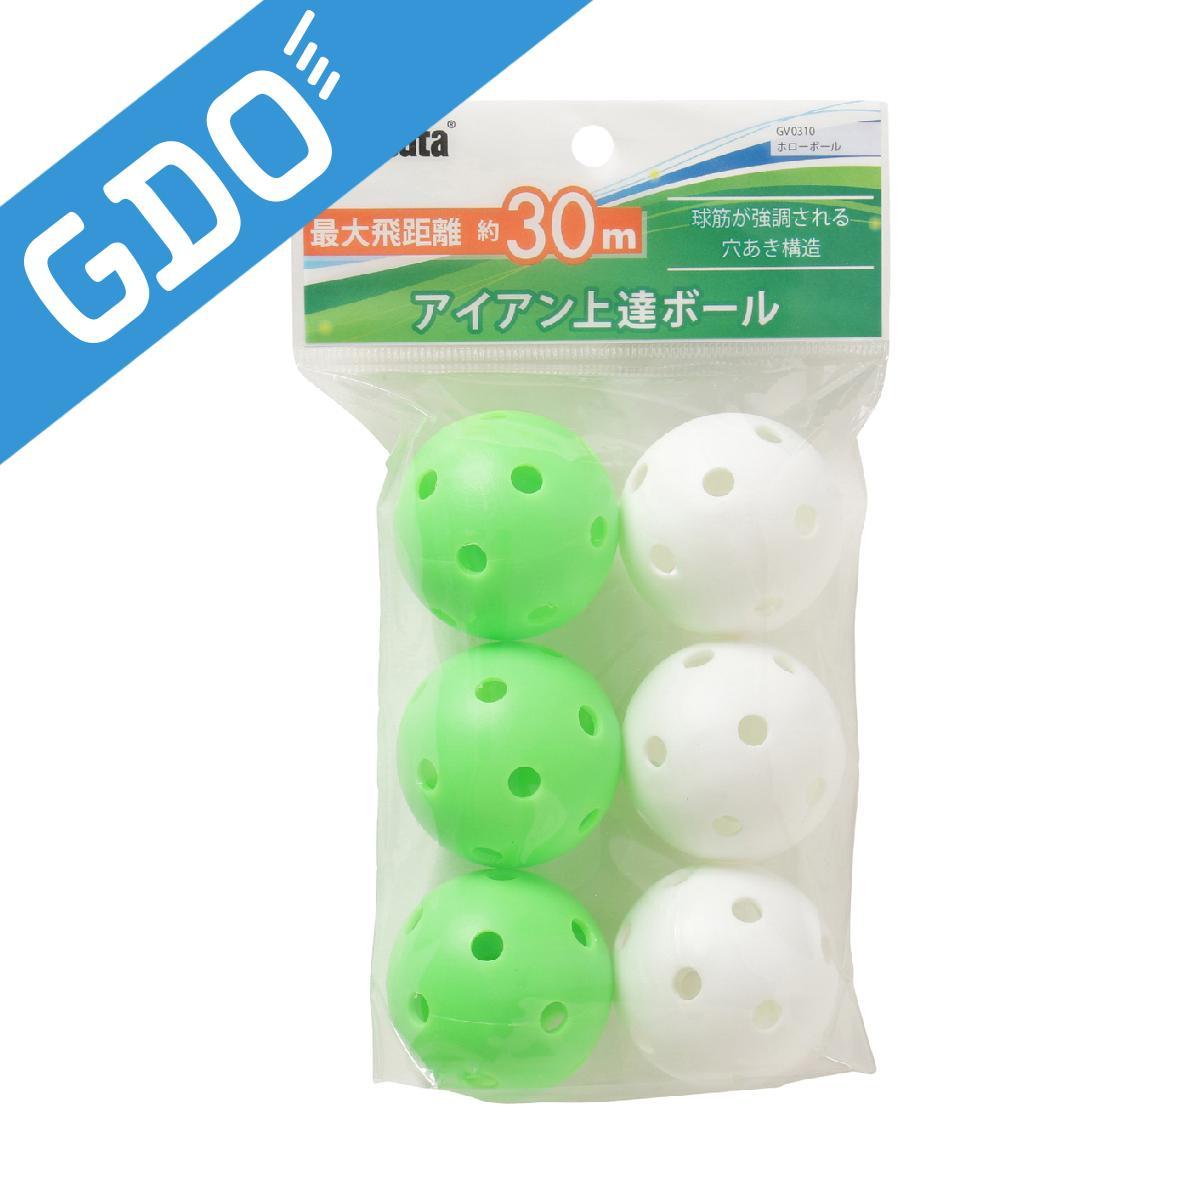 迅速な対応で商品をお届け致します ゴルフ トレーニング用具 GDO GOLF タバタ GV-0310 アイアン上達トレーニングボール Tabata 卓抜 ホローボール